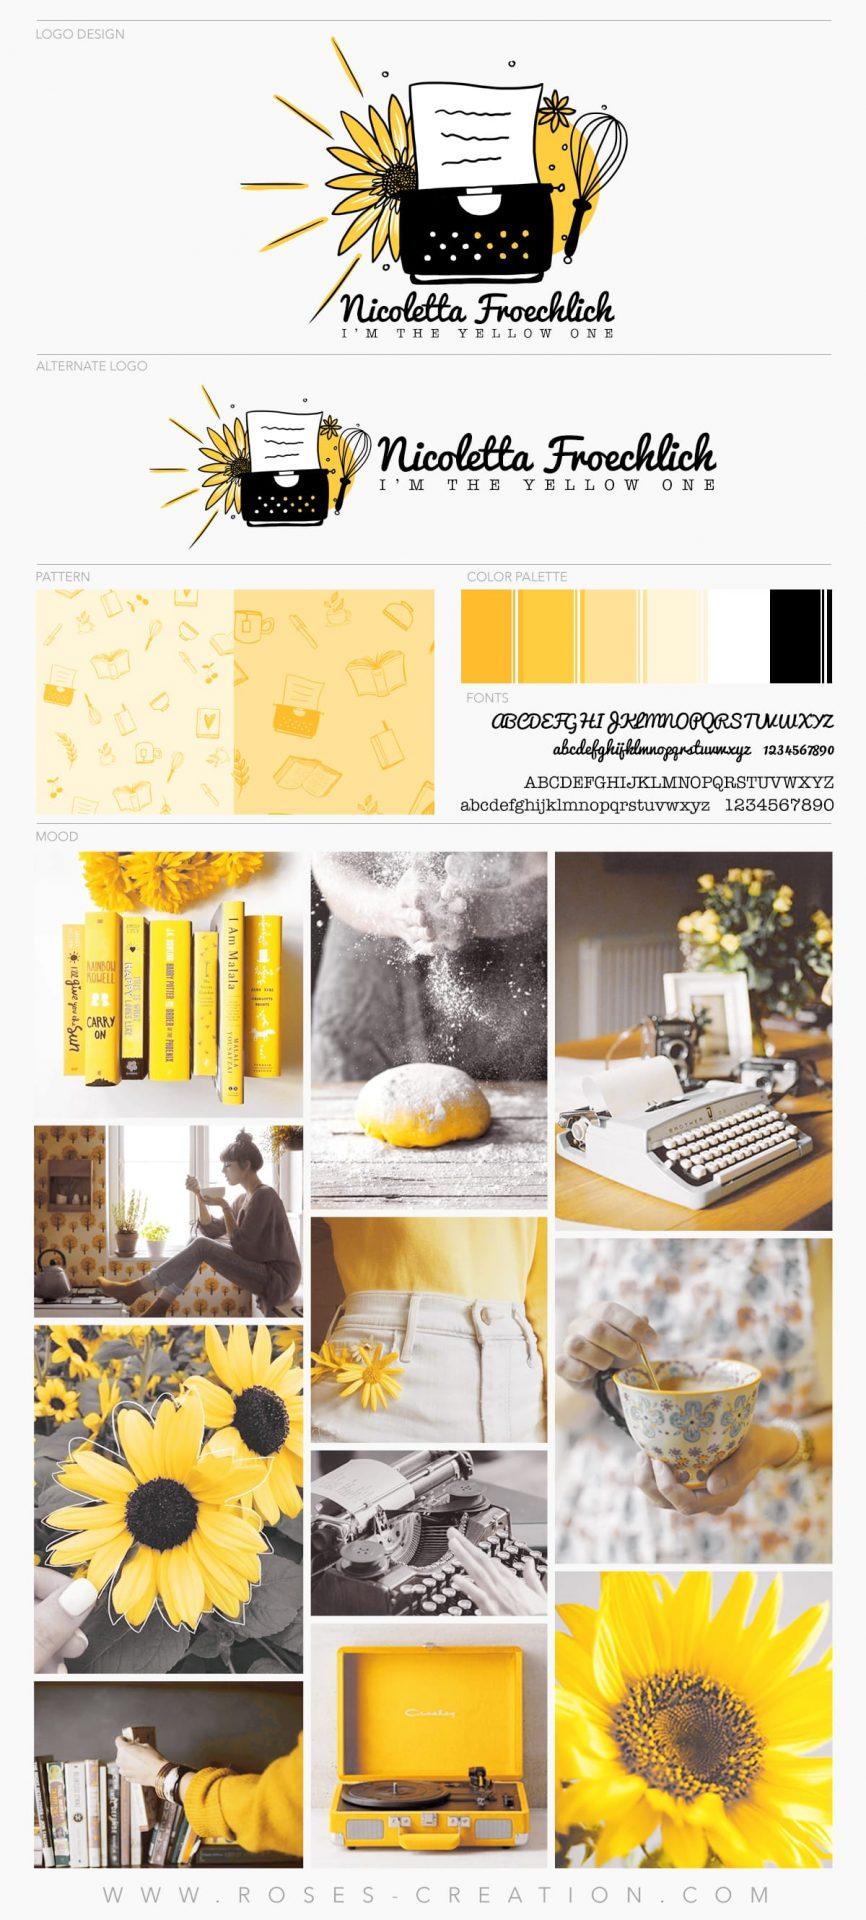 BrandNico-Board-Rid I'm the yellow one